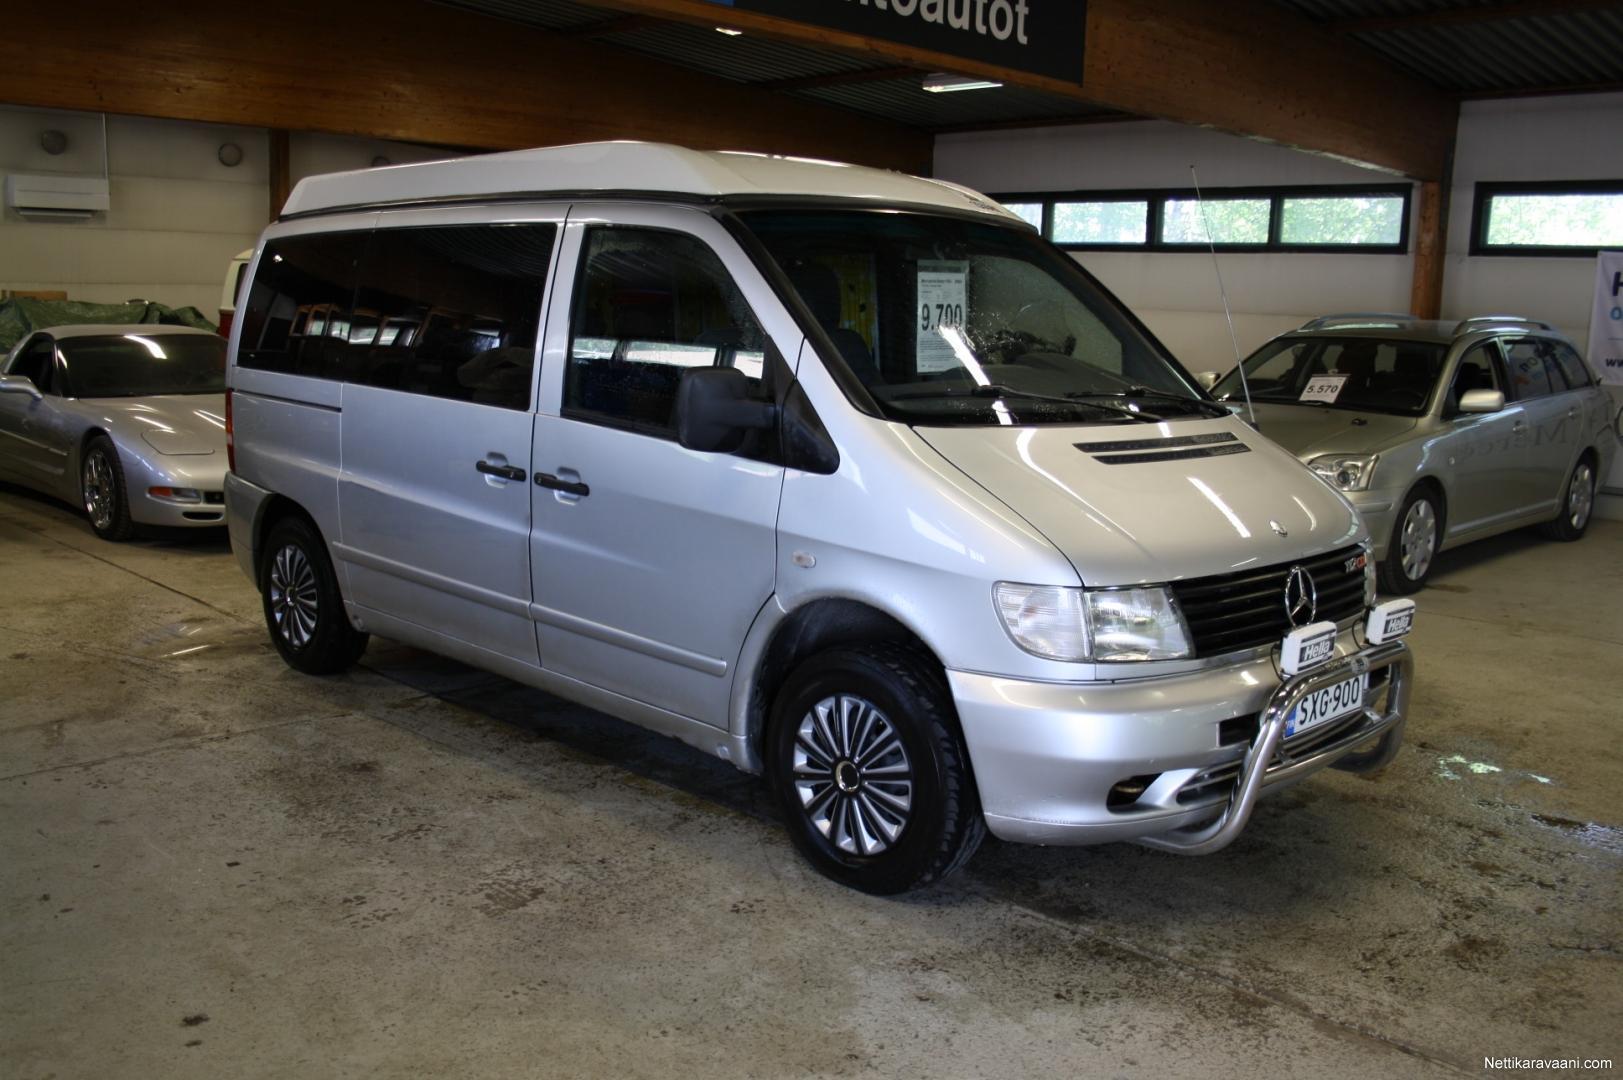 Mercedes-Benz Vito, Mercedes-Benz 112 Cdi L Marco Polo ...